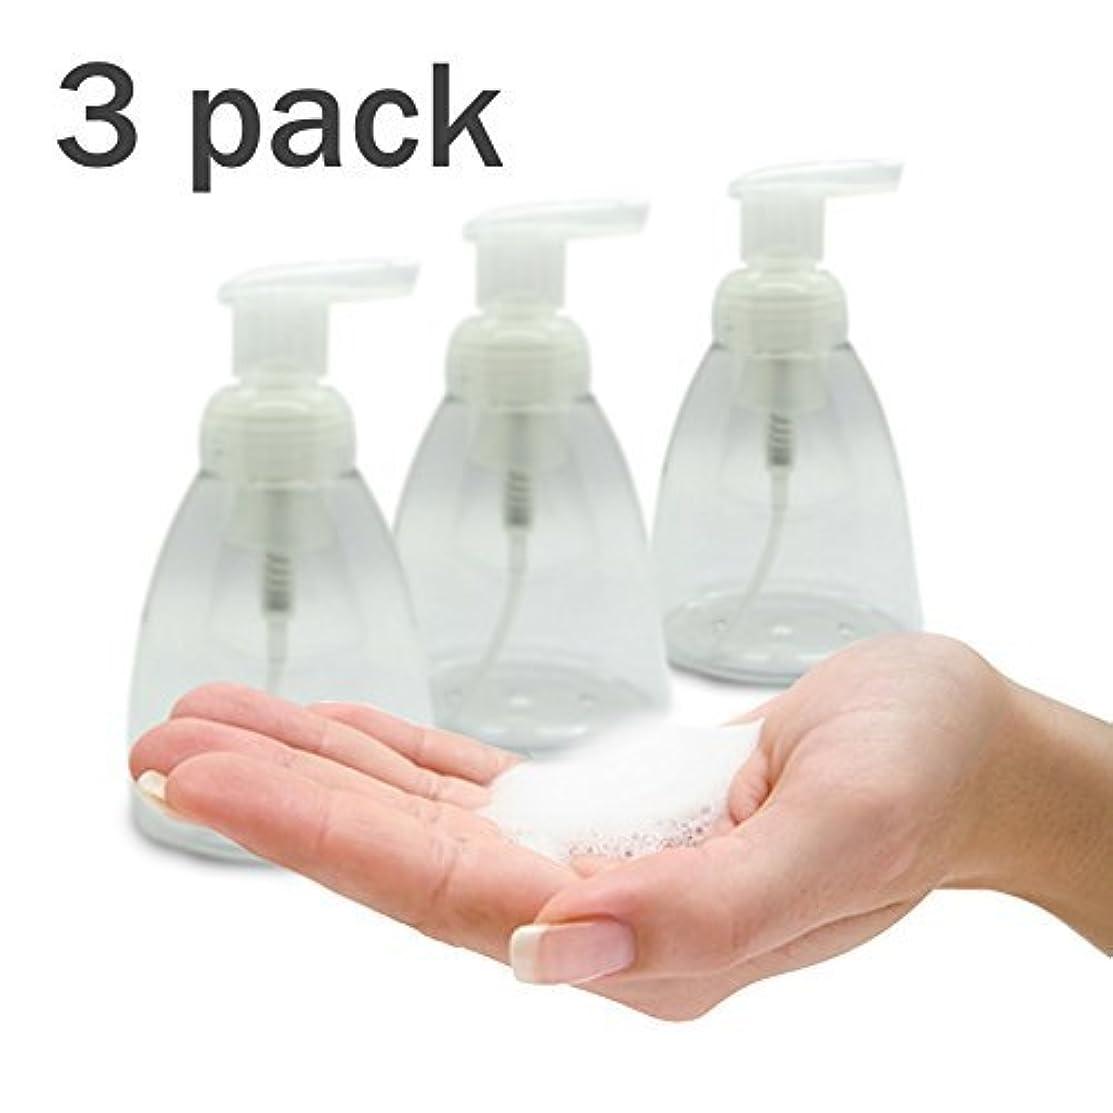 社説プロフェッショナルまぶしさFoaming Soap Dispenser Set of 3 pack 300ml (10 oz) Empty Bottles Hand Soap Liquid Containers. Save Money! Less...